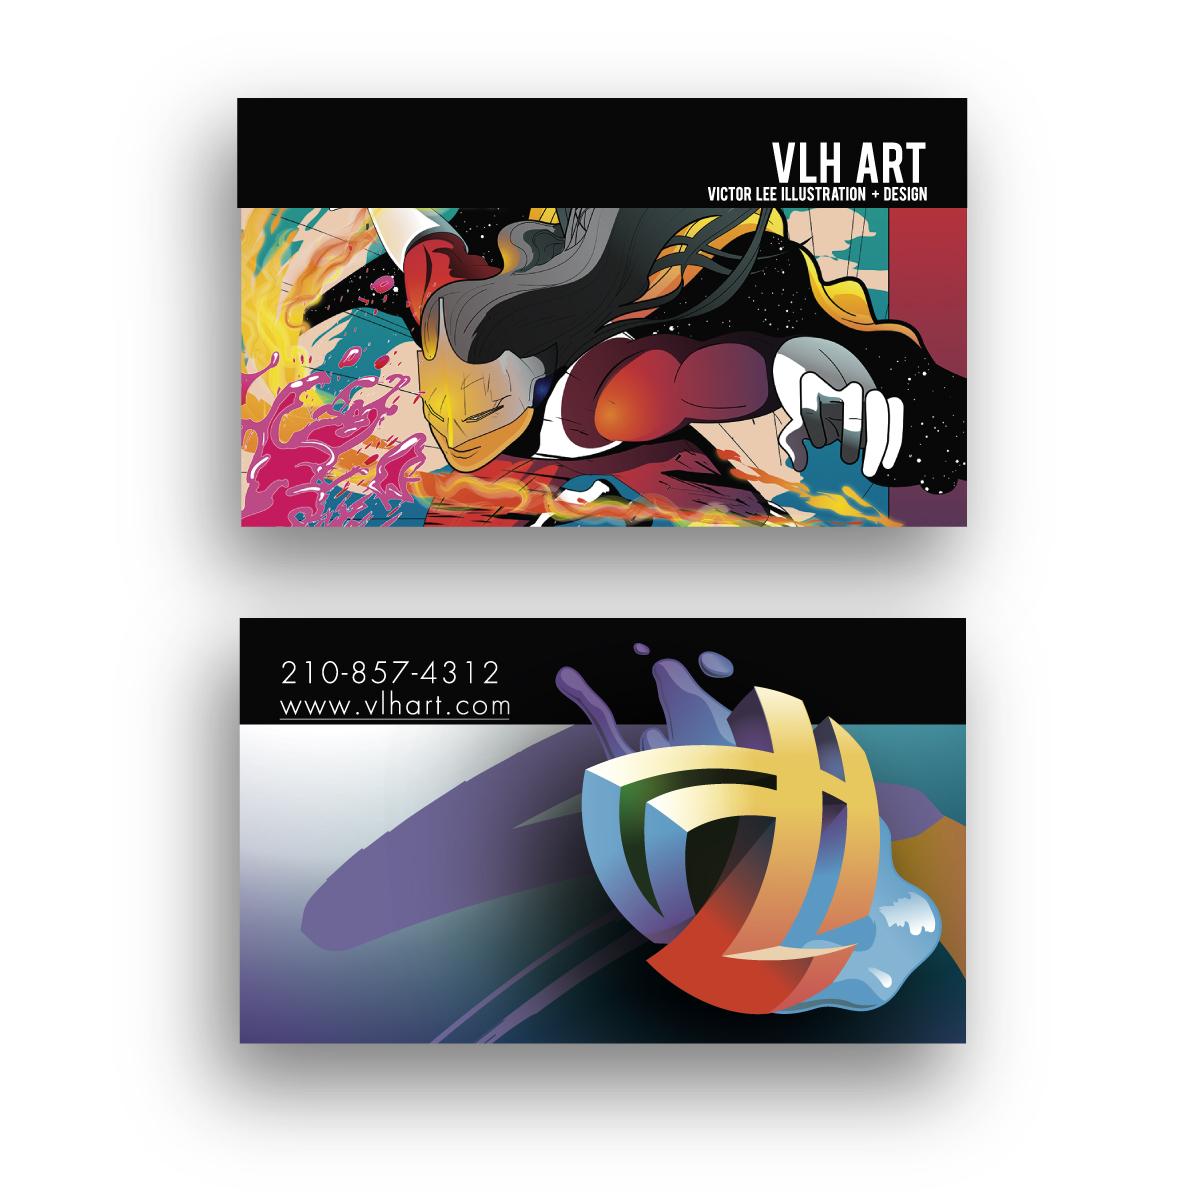 business-card-vlh-art-2016.jpg